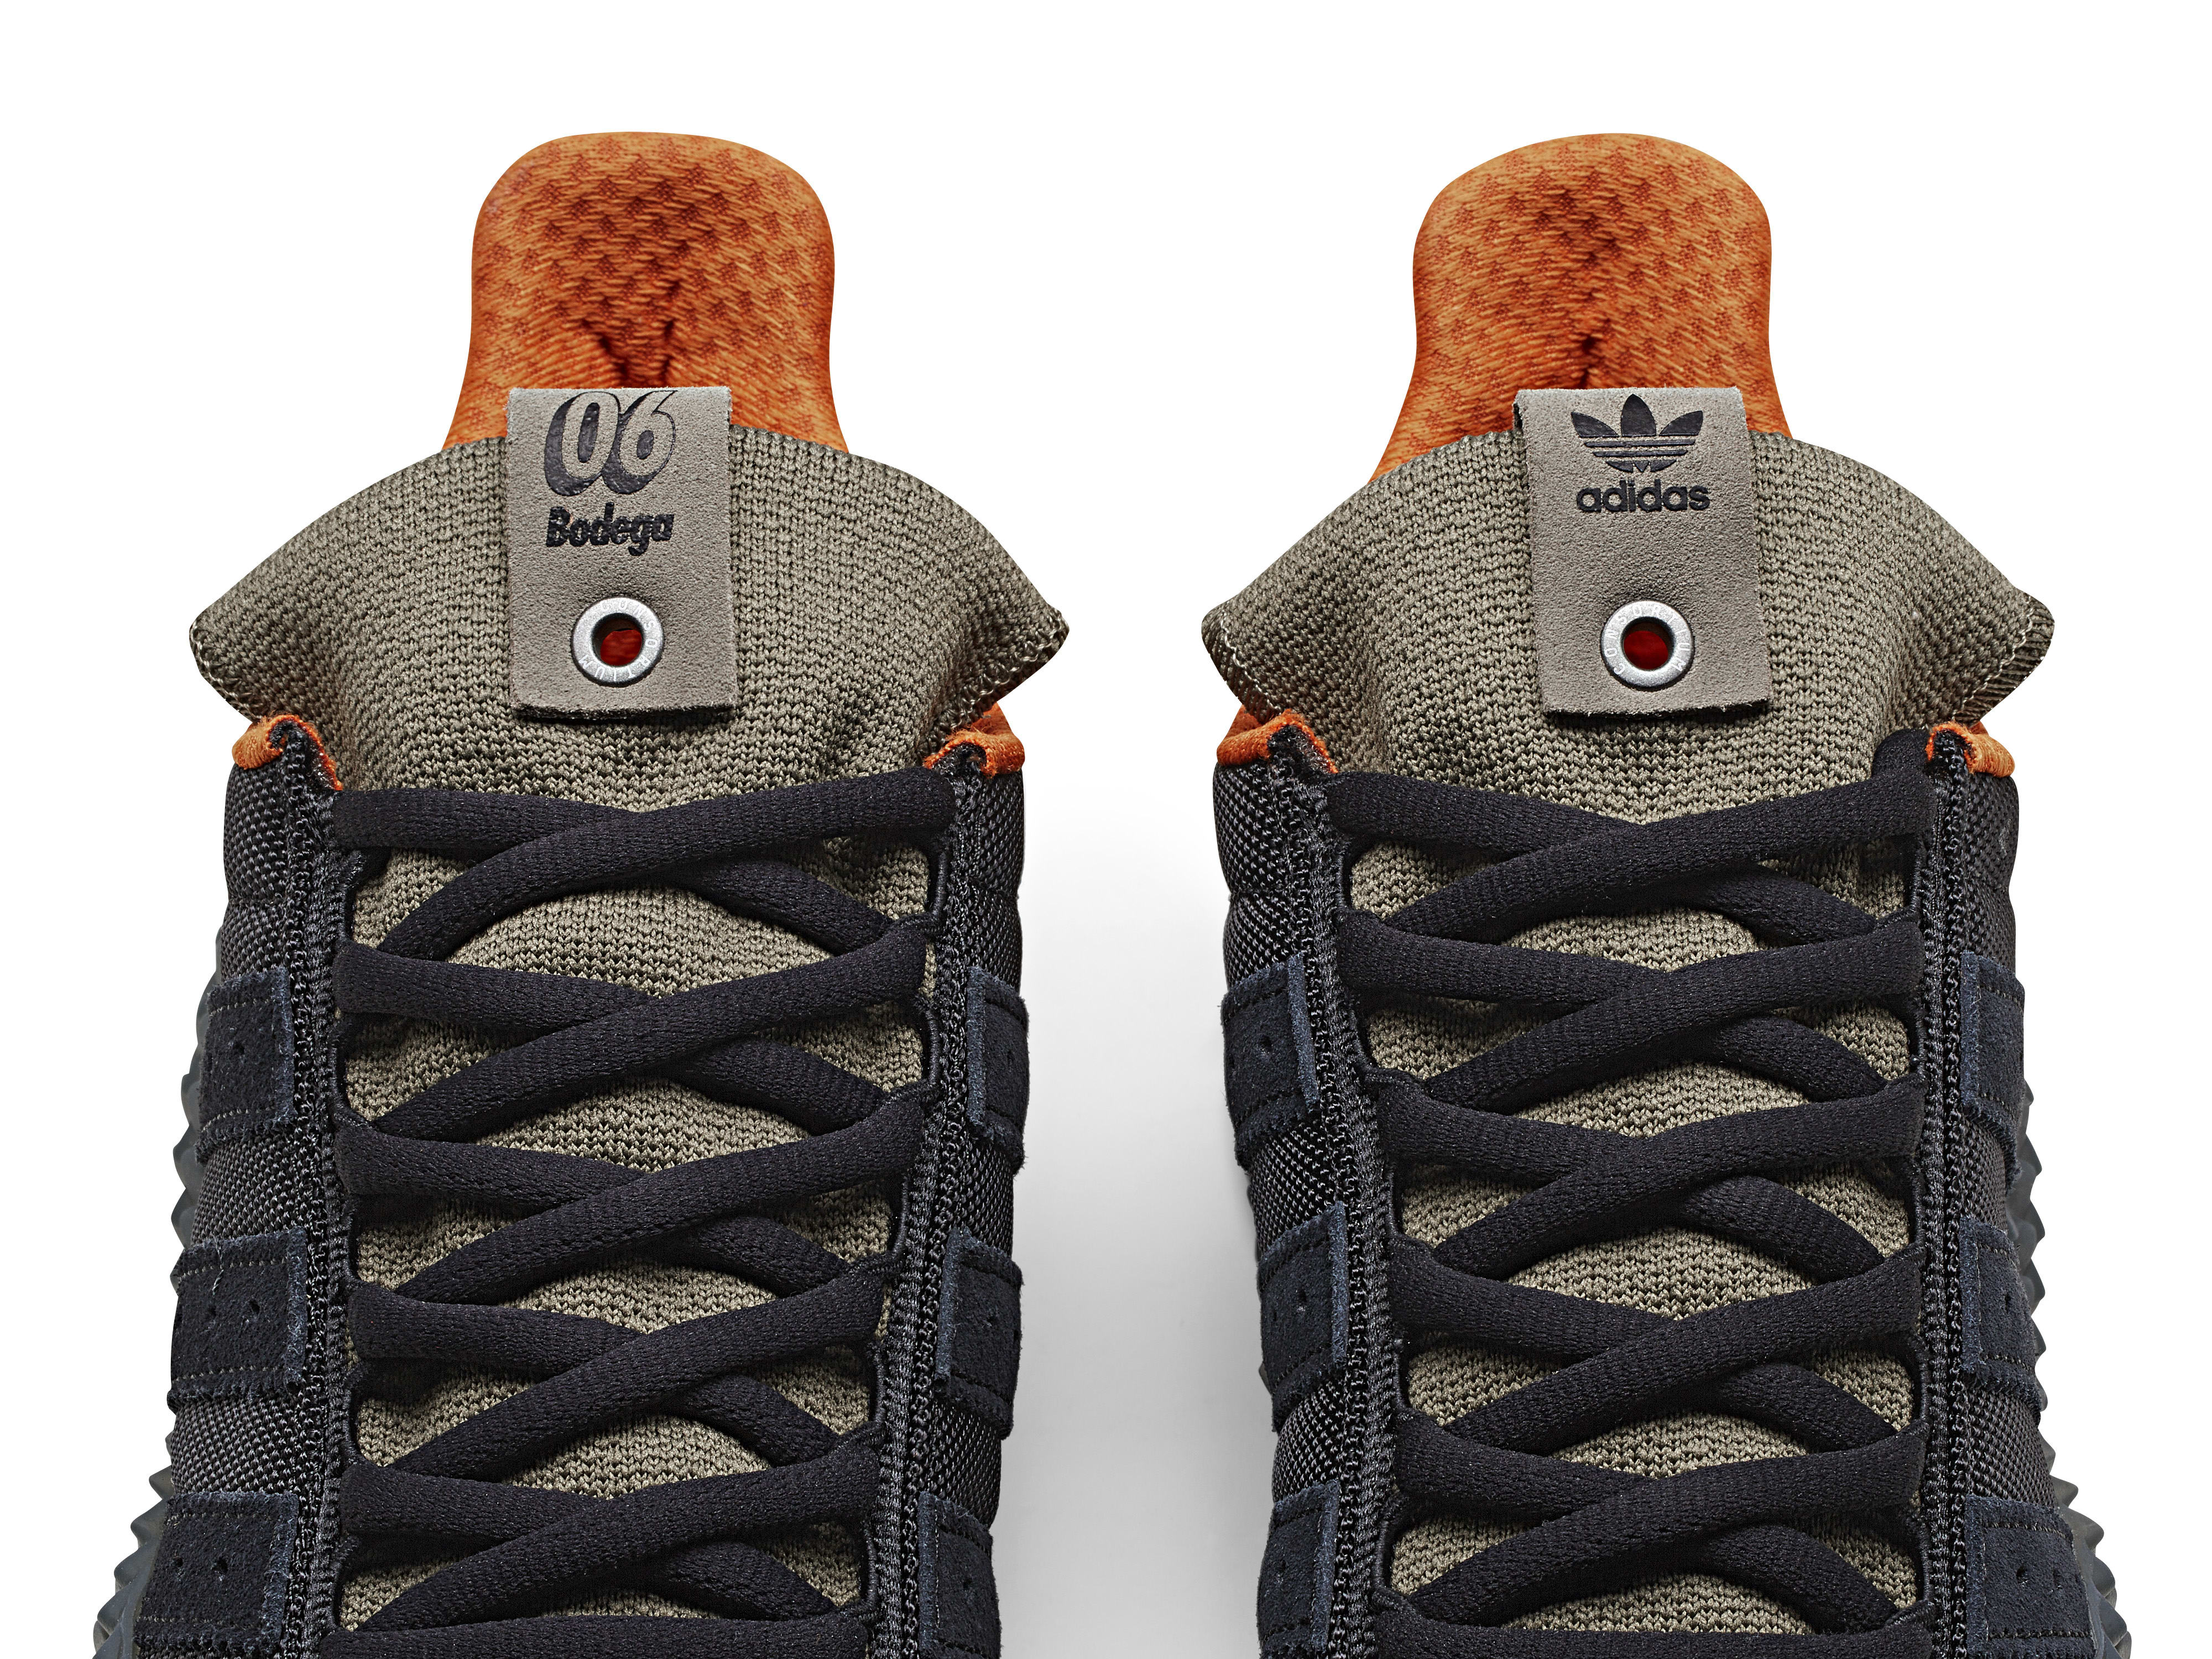 Bodega x Adidas Kamanda BB9243 (Tongue)